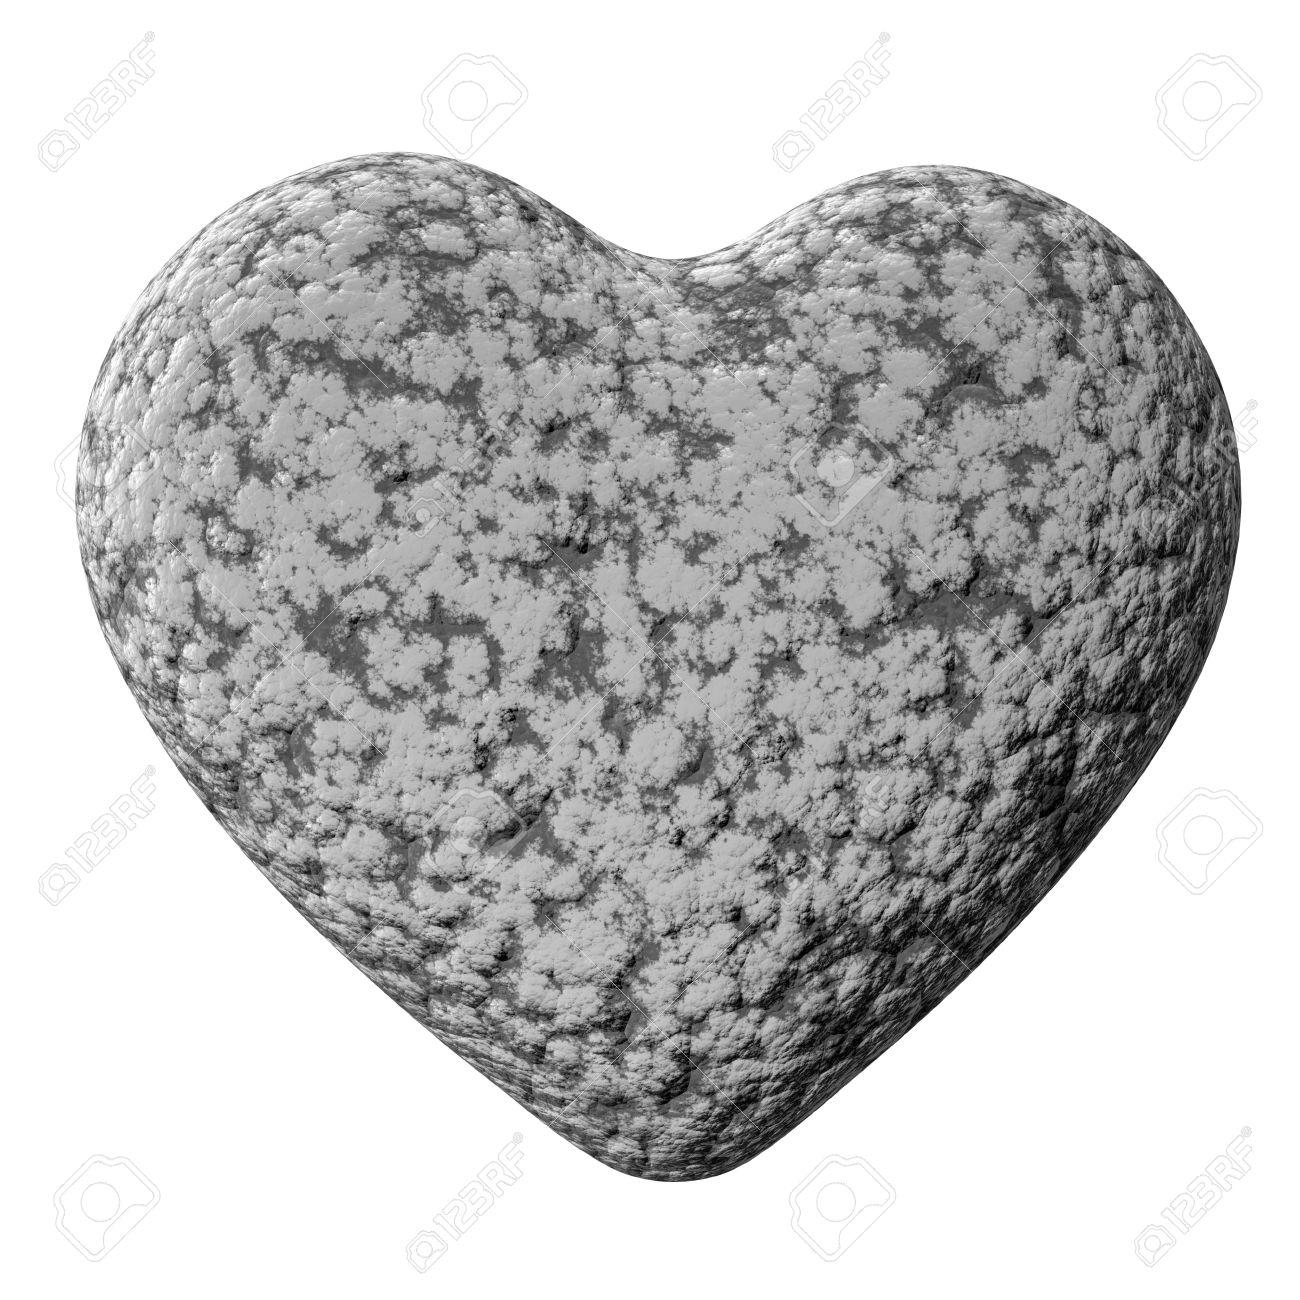 imagen corazón de piedra